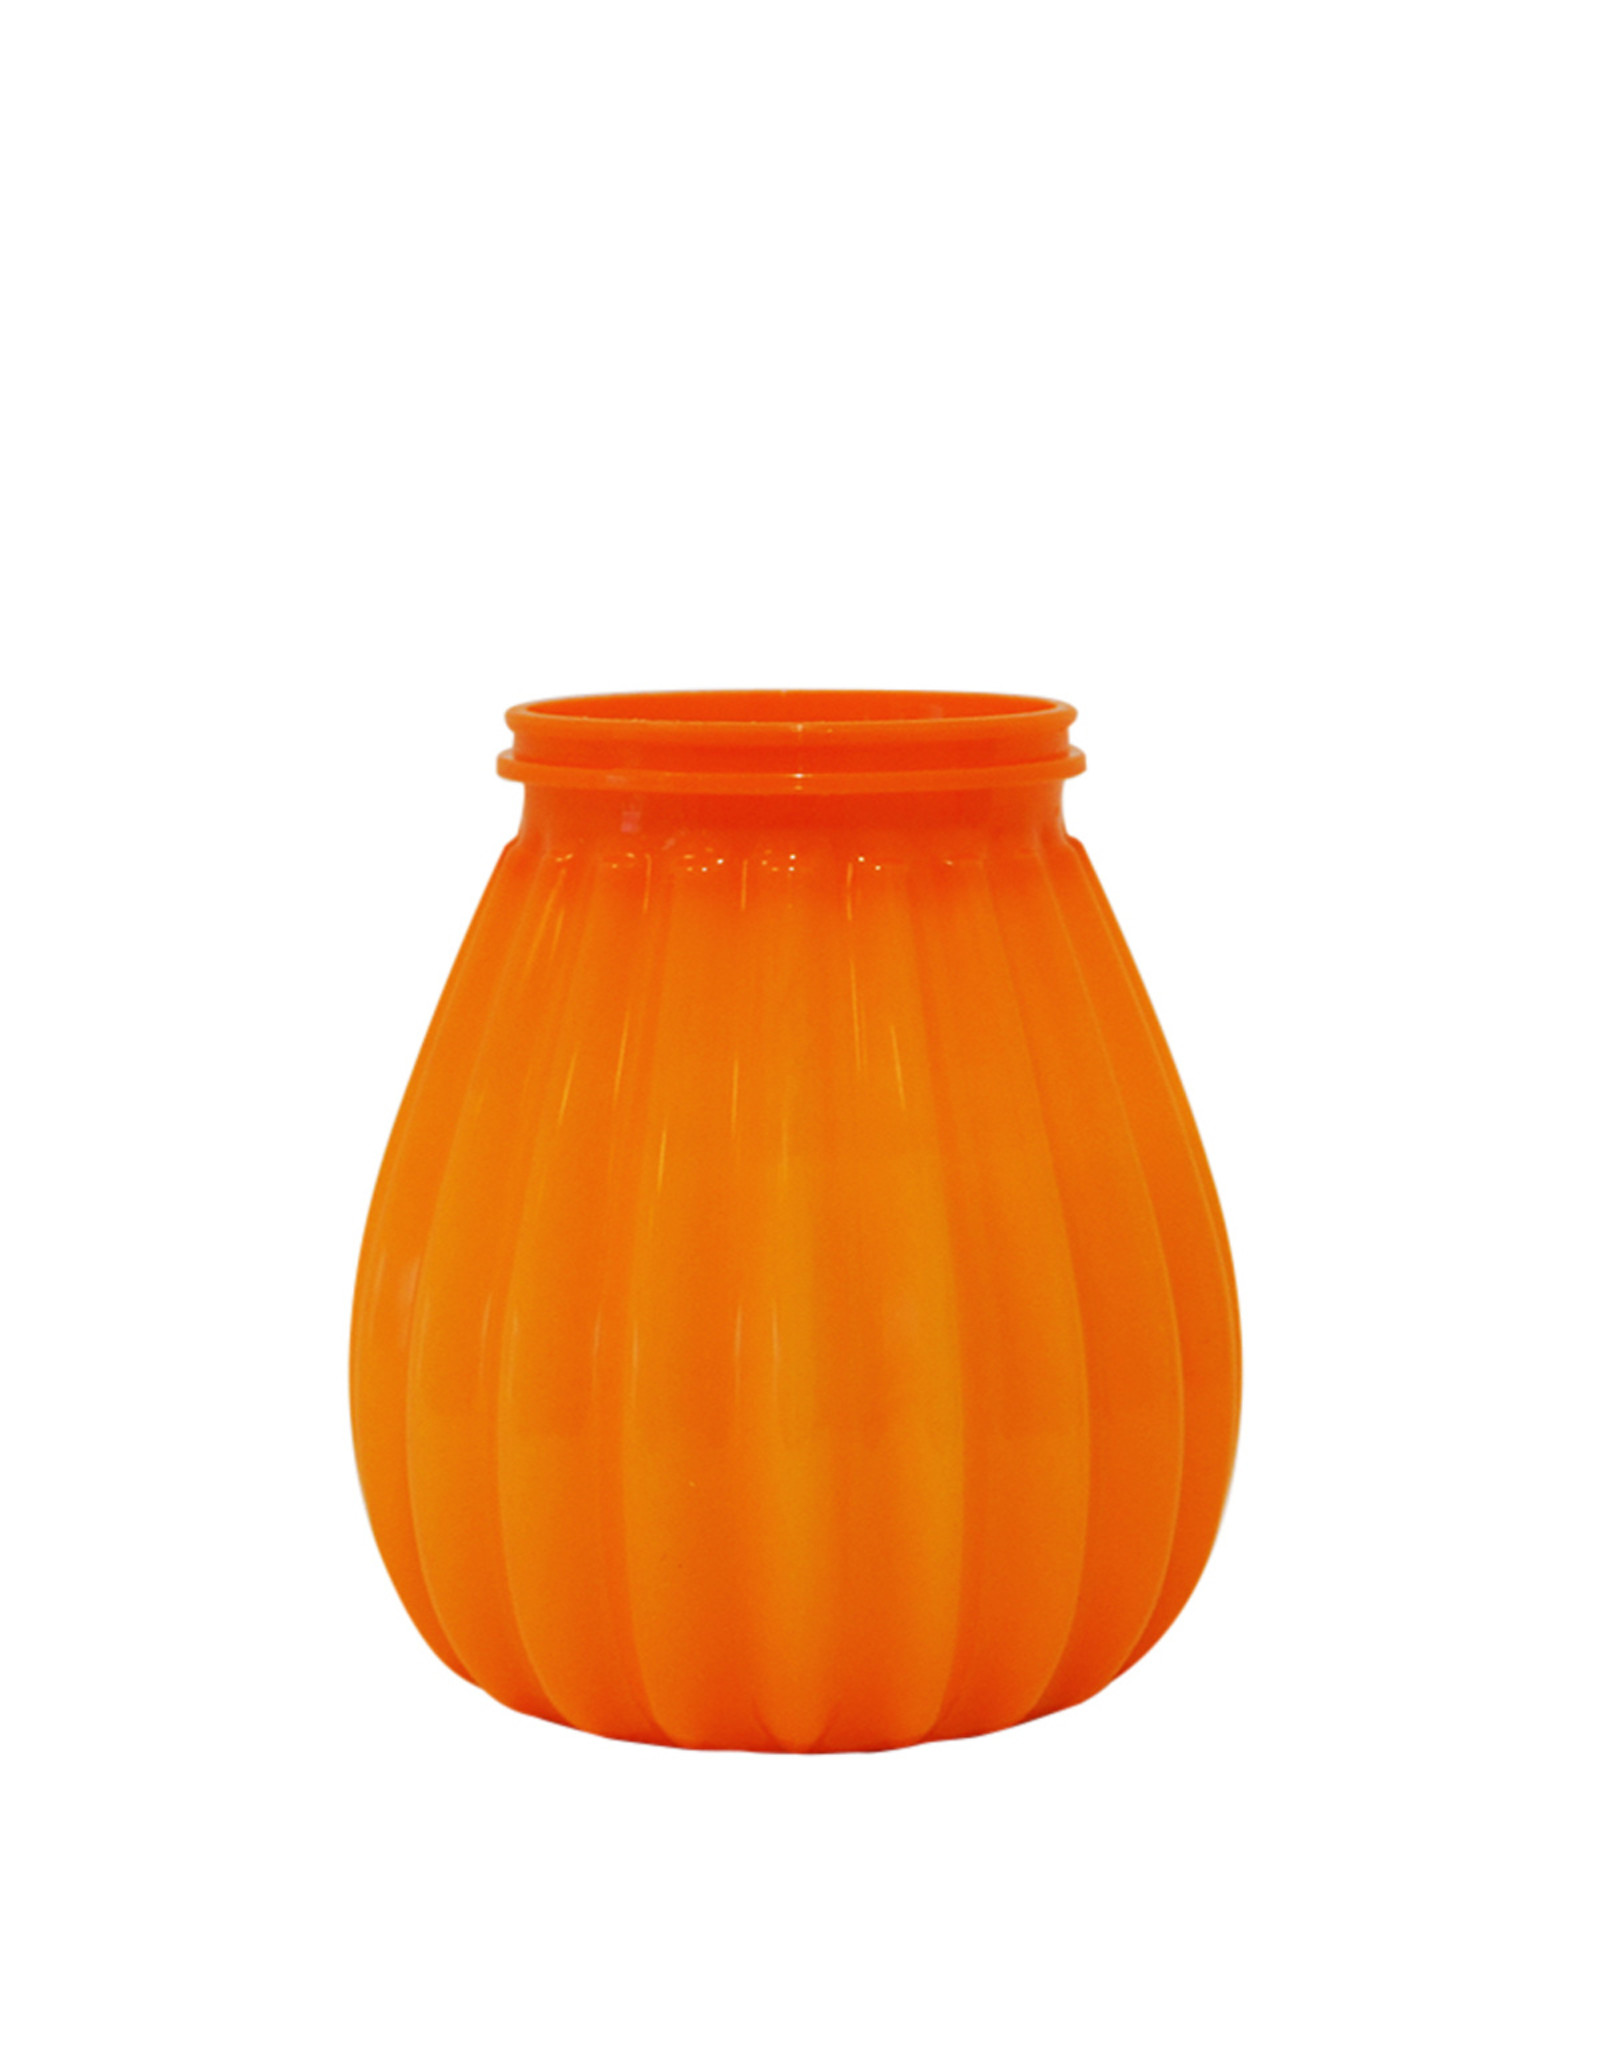 Stylepoint 65-uurs terraskaars kunststof oranje